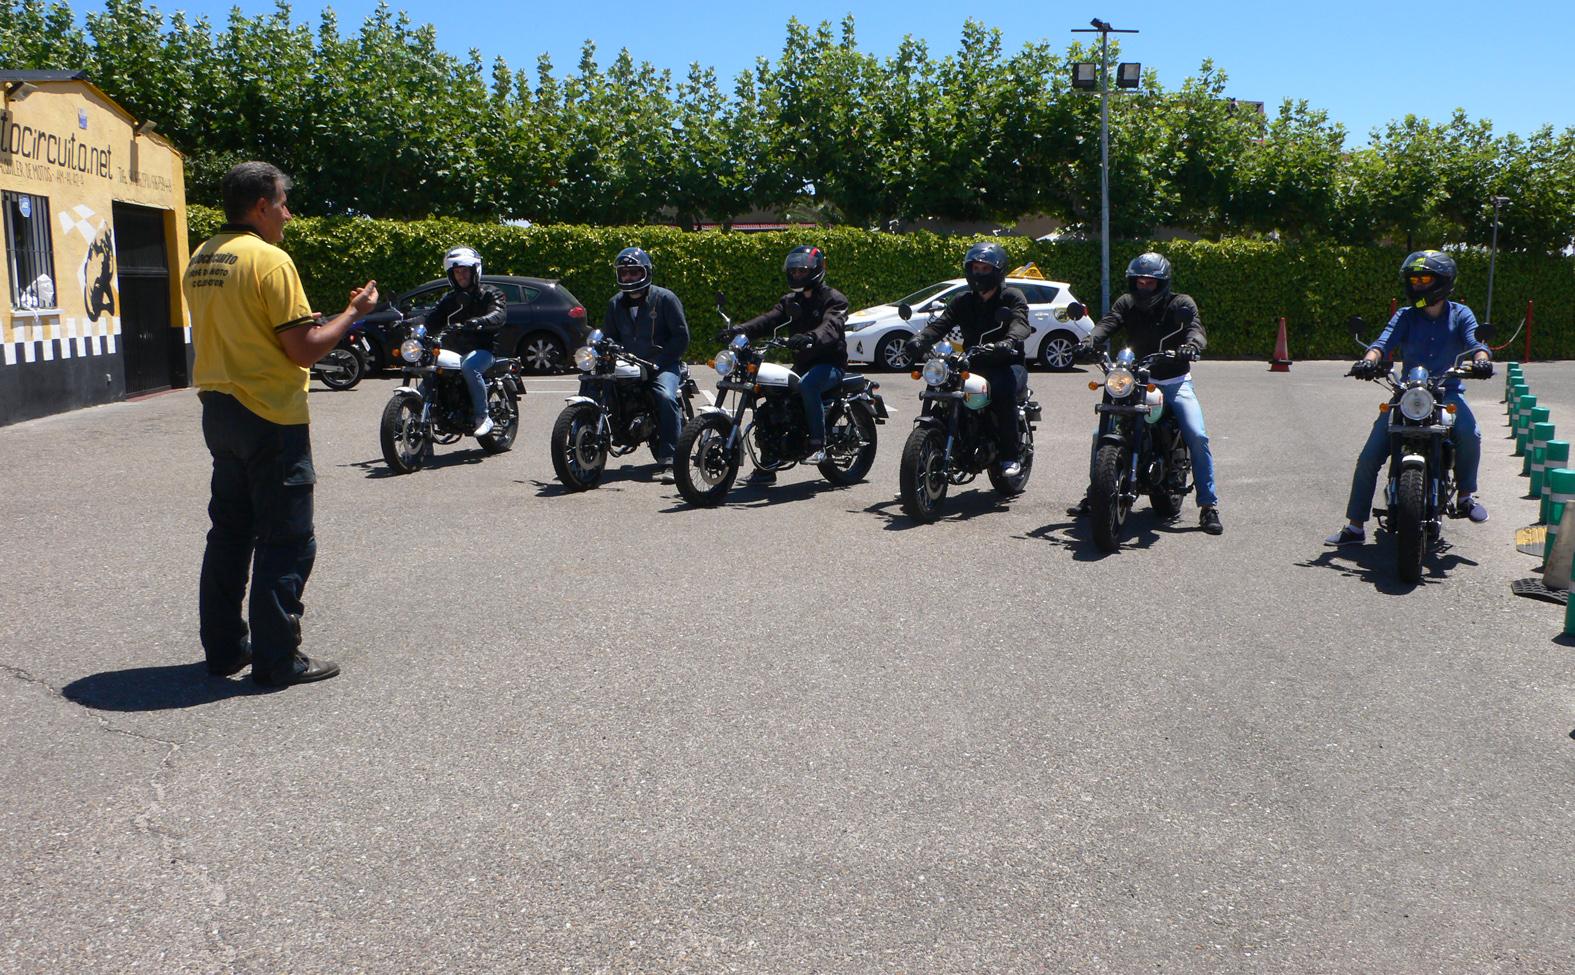 A las motos...